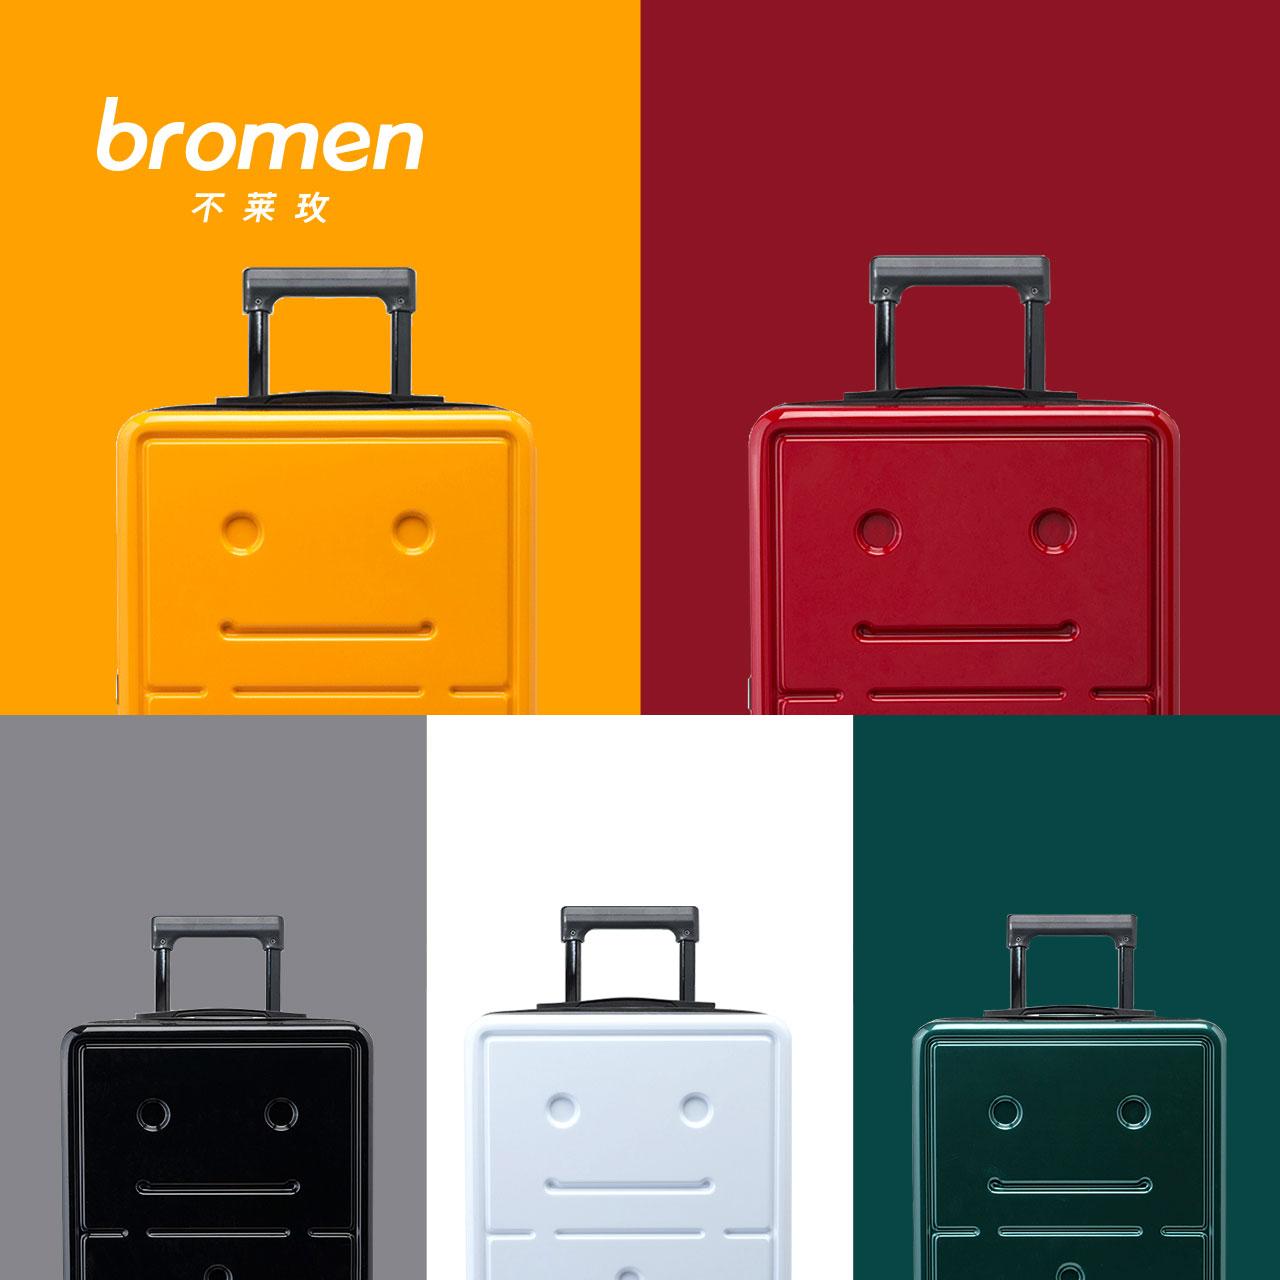 ♪ぃ กล่องรหัสผ่านล้อสากล กล่องเดินทางเด็ก  กล่องกระเป๋าการ์ตูนประเภทกระเป๋านักเรียน กระเป๋าเดินทางใบเล็ก Braimei กล่องขนา